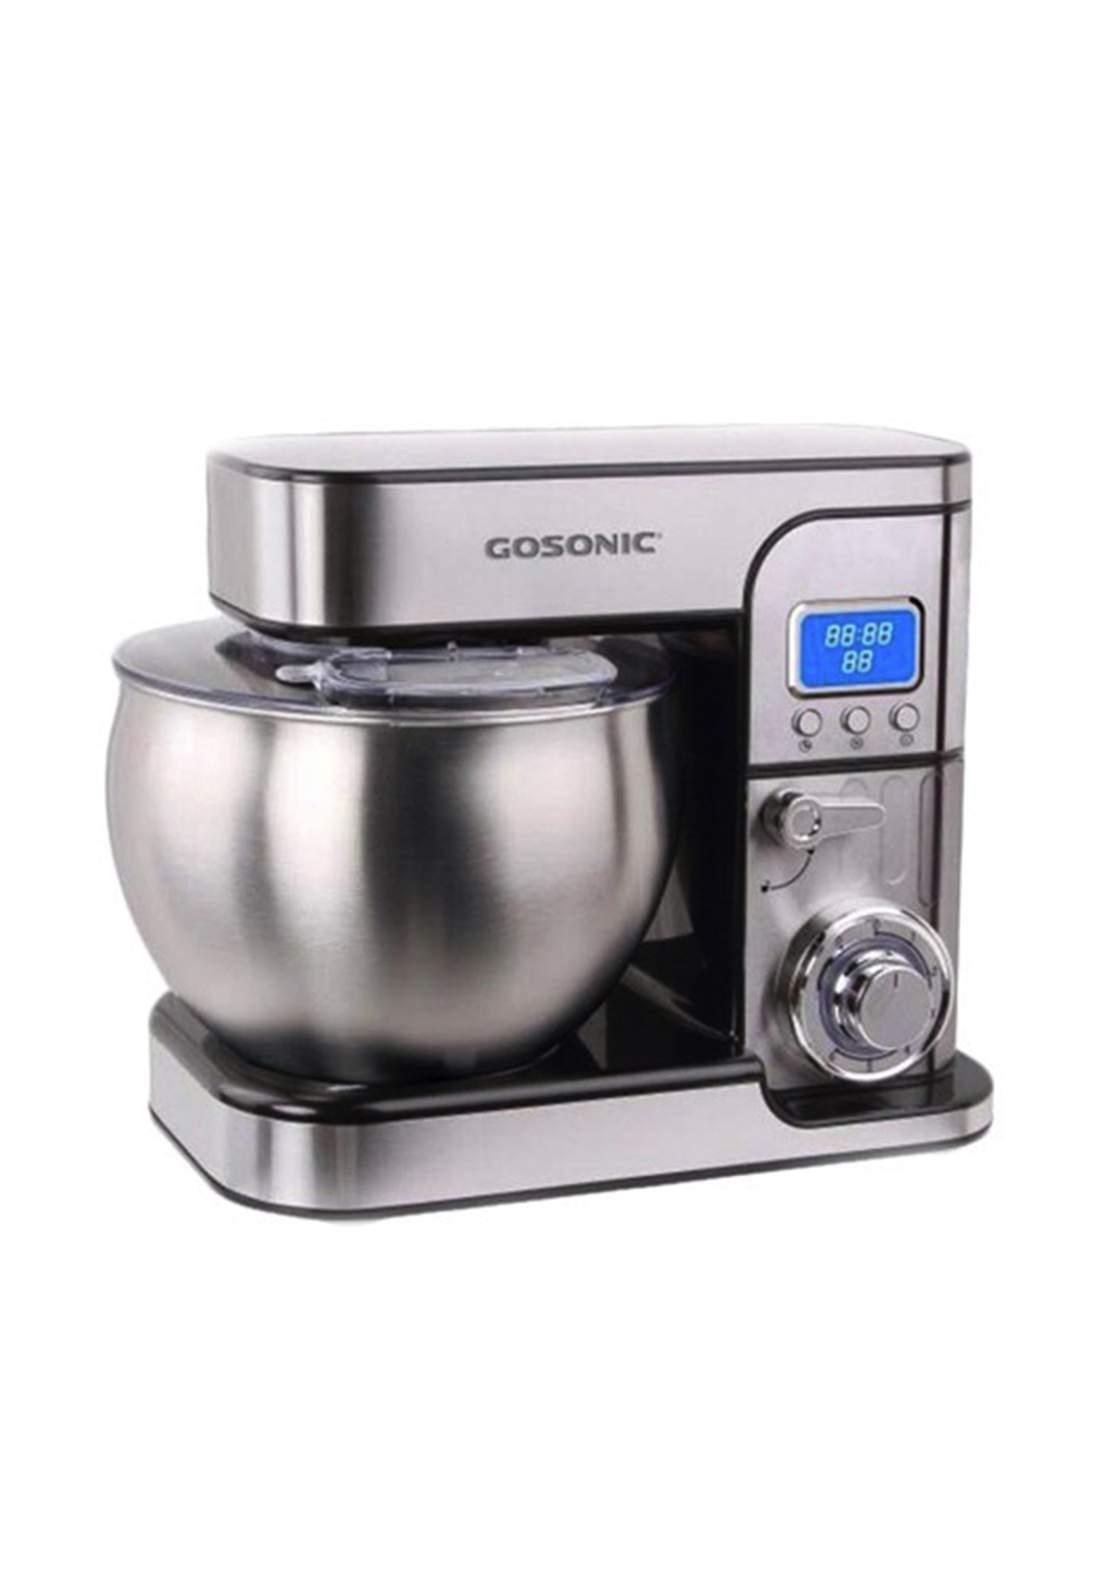 Gosonic 607 Stand Mixer - Silver عجانة كهربائية